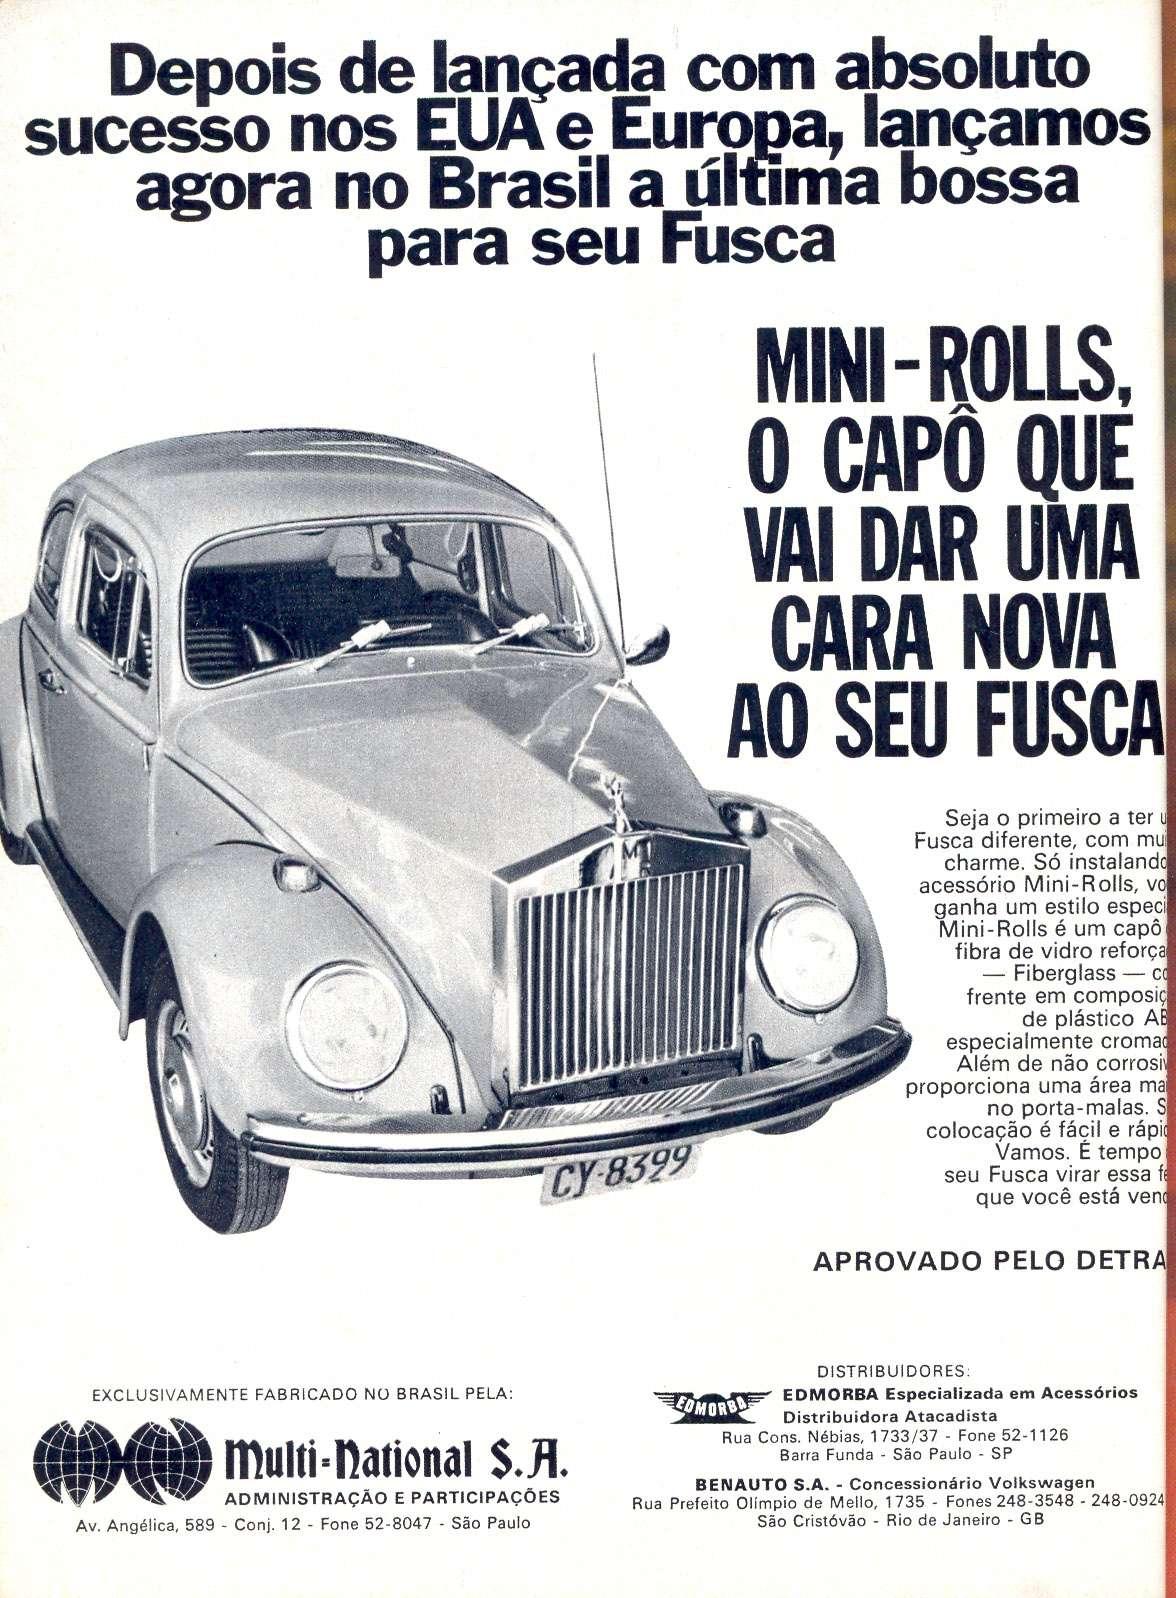 Mini-Rolls, o capô que vai dar uma cara nova ao seu Fusca